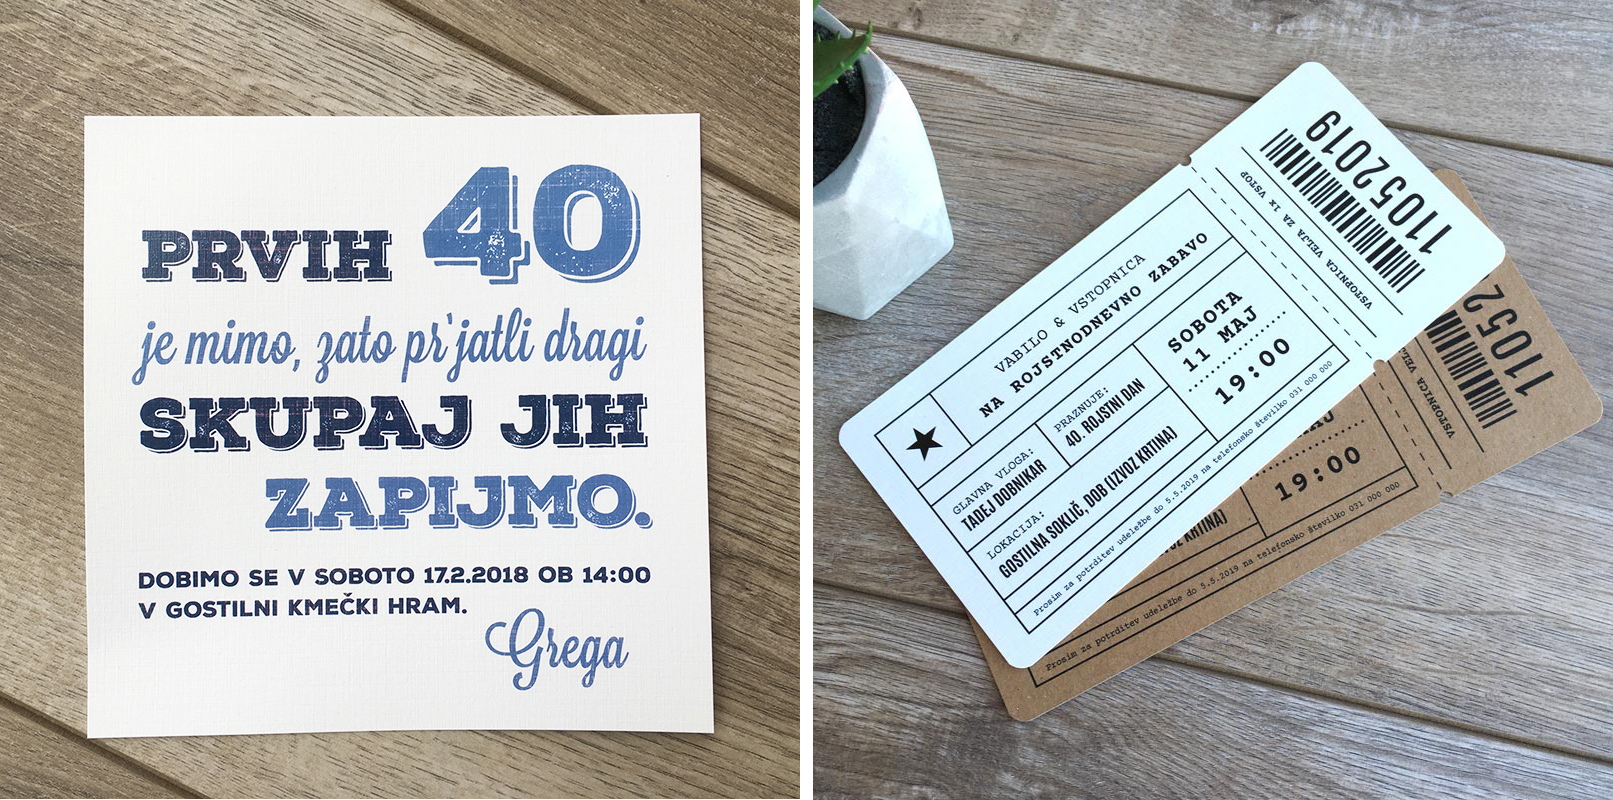 Vabilo za 40. rojstni dan